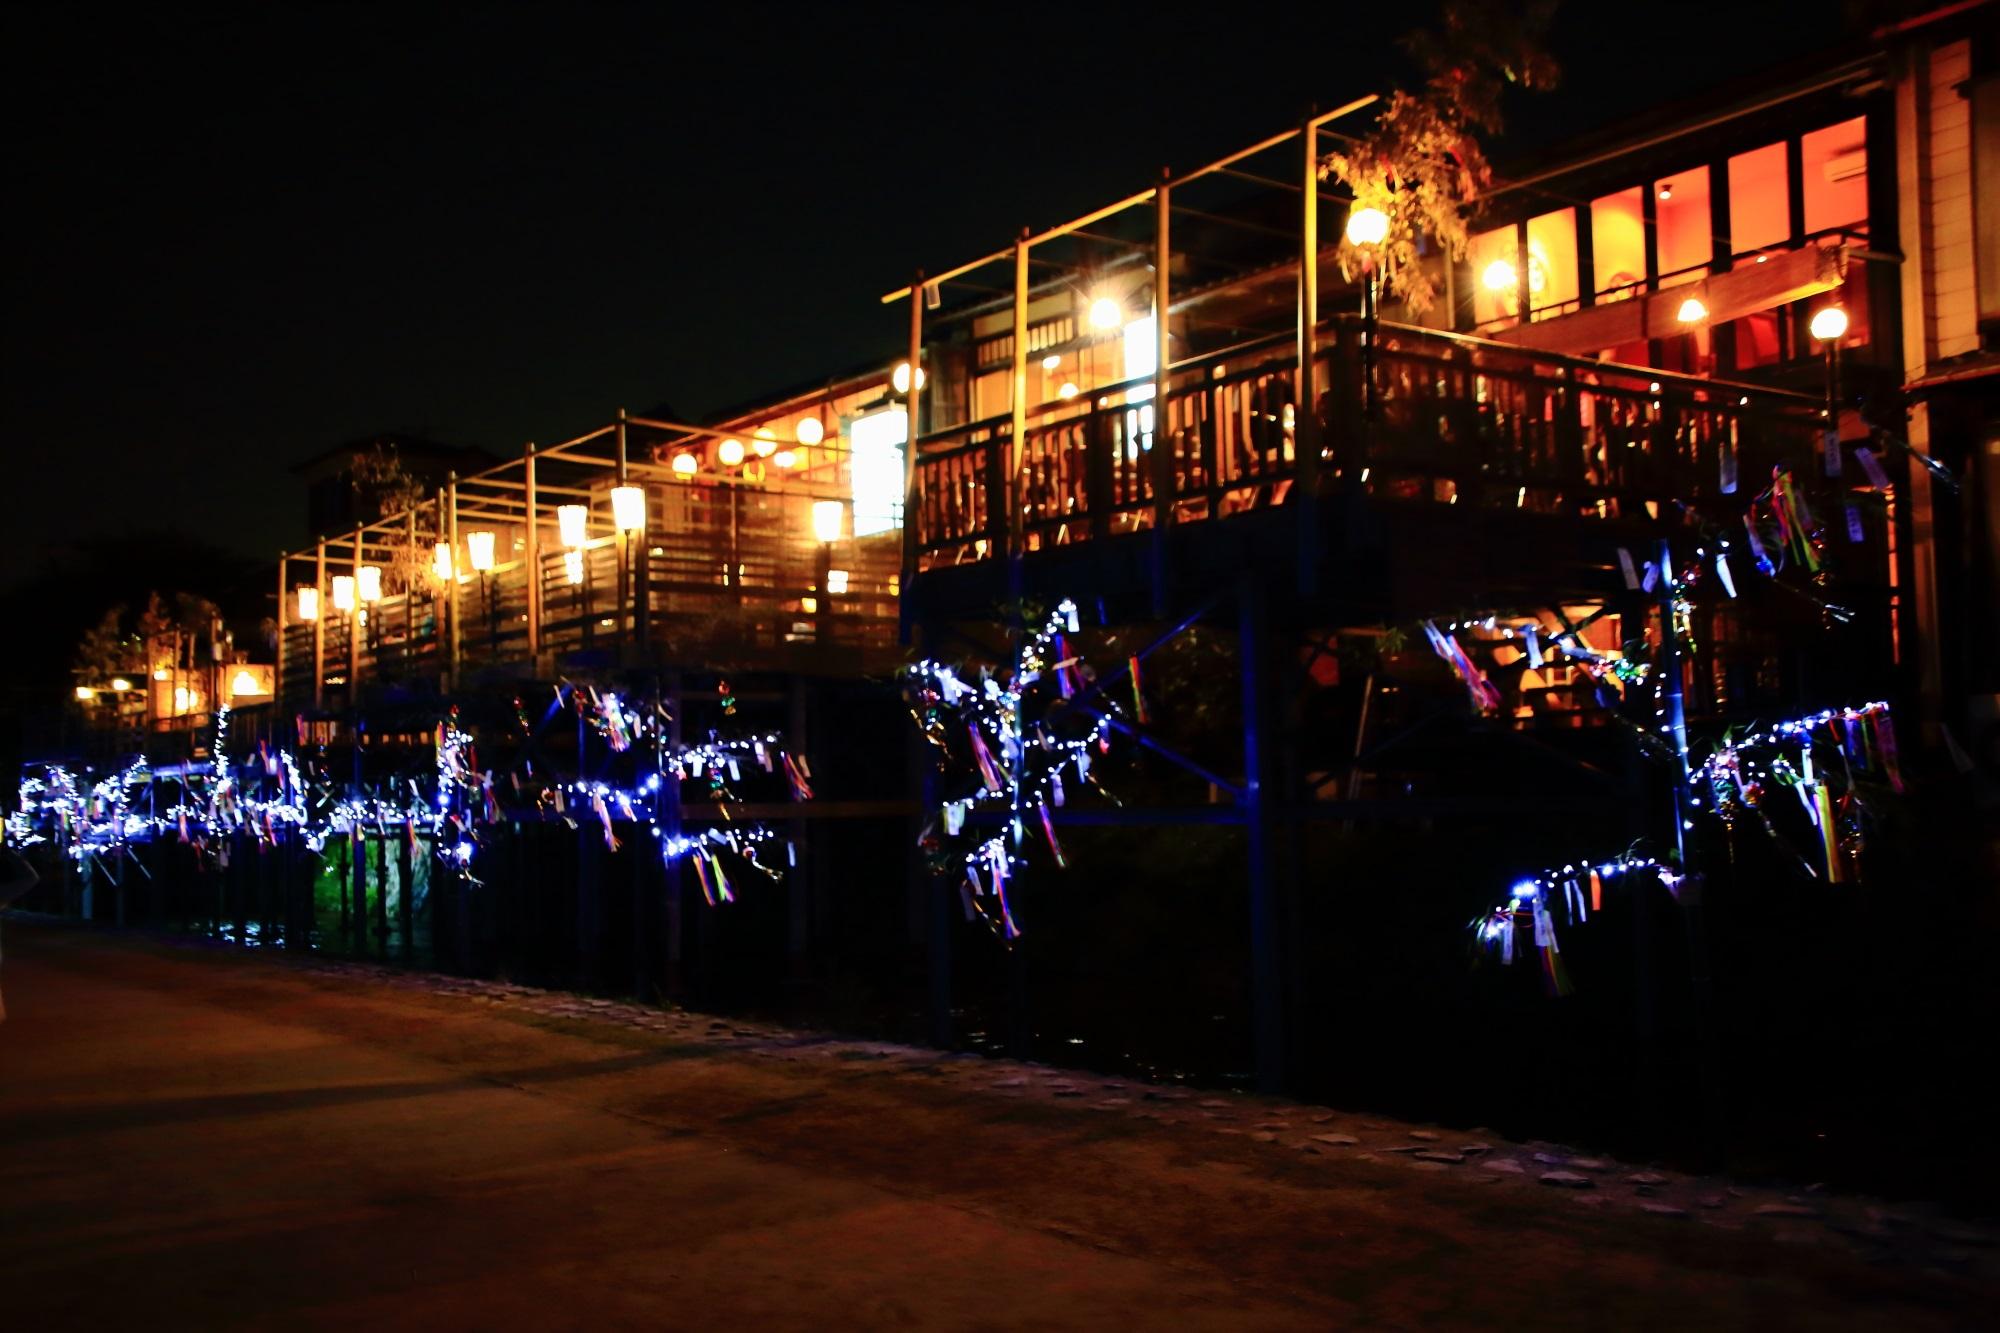 京の七夕鴨川会場の鴨川納涼床の大笹飾り